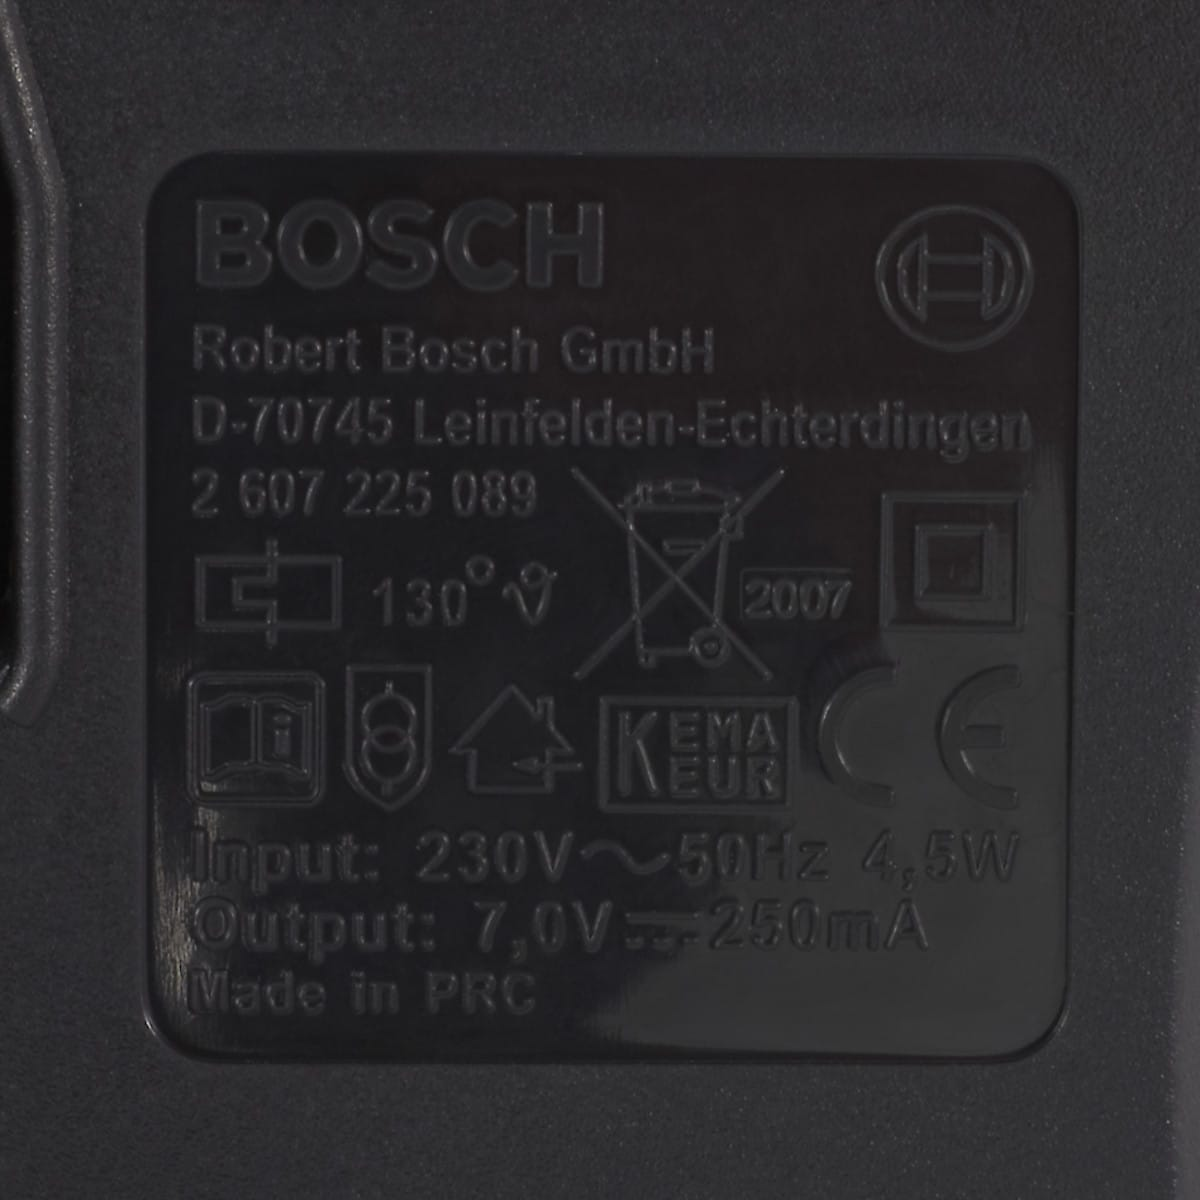 Ladegerät Bosch 3,6 V